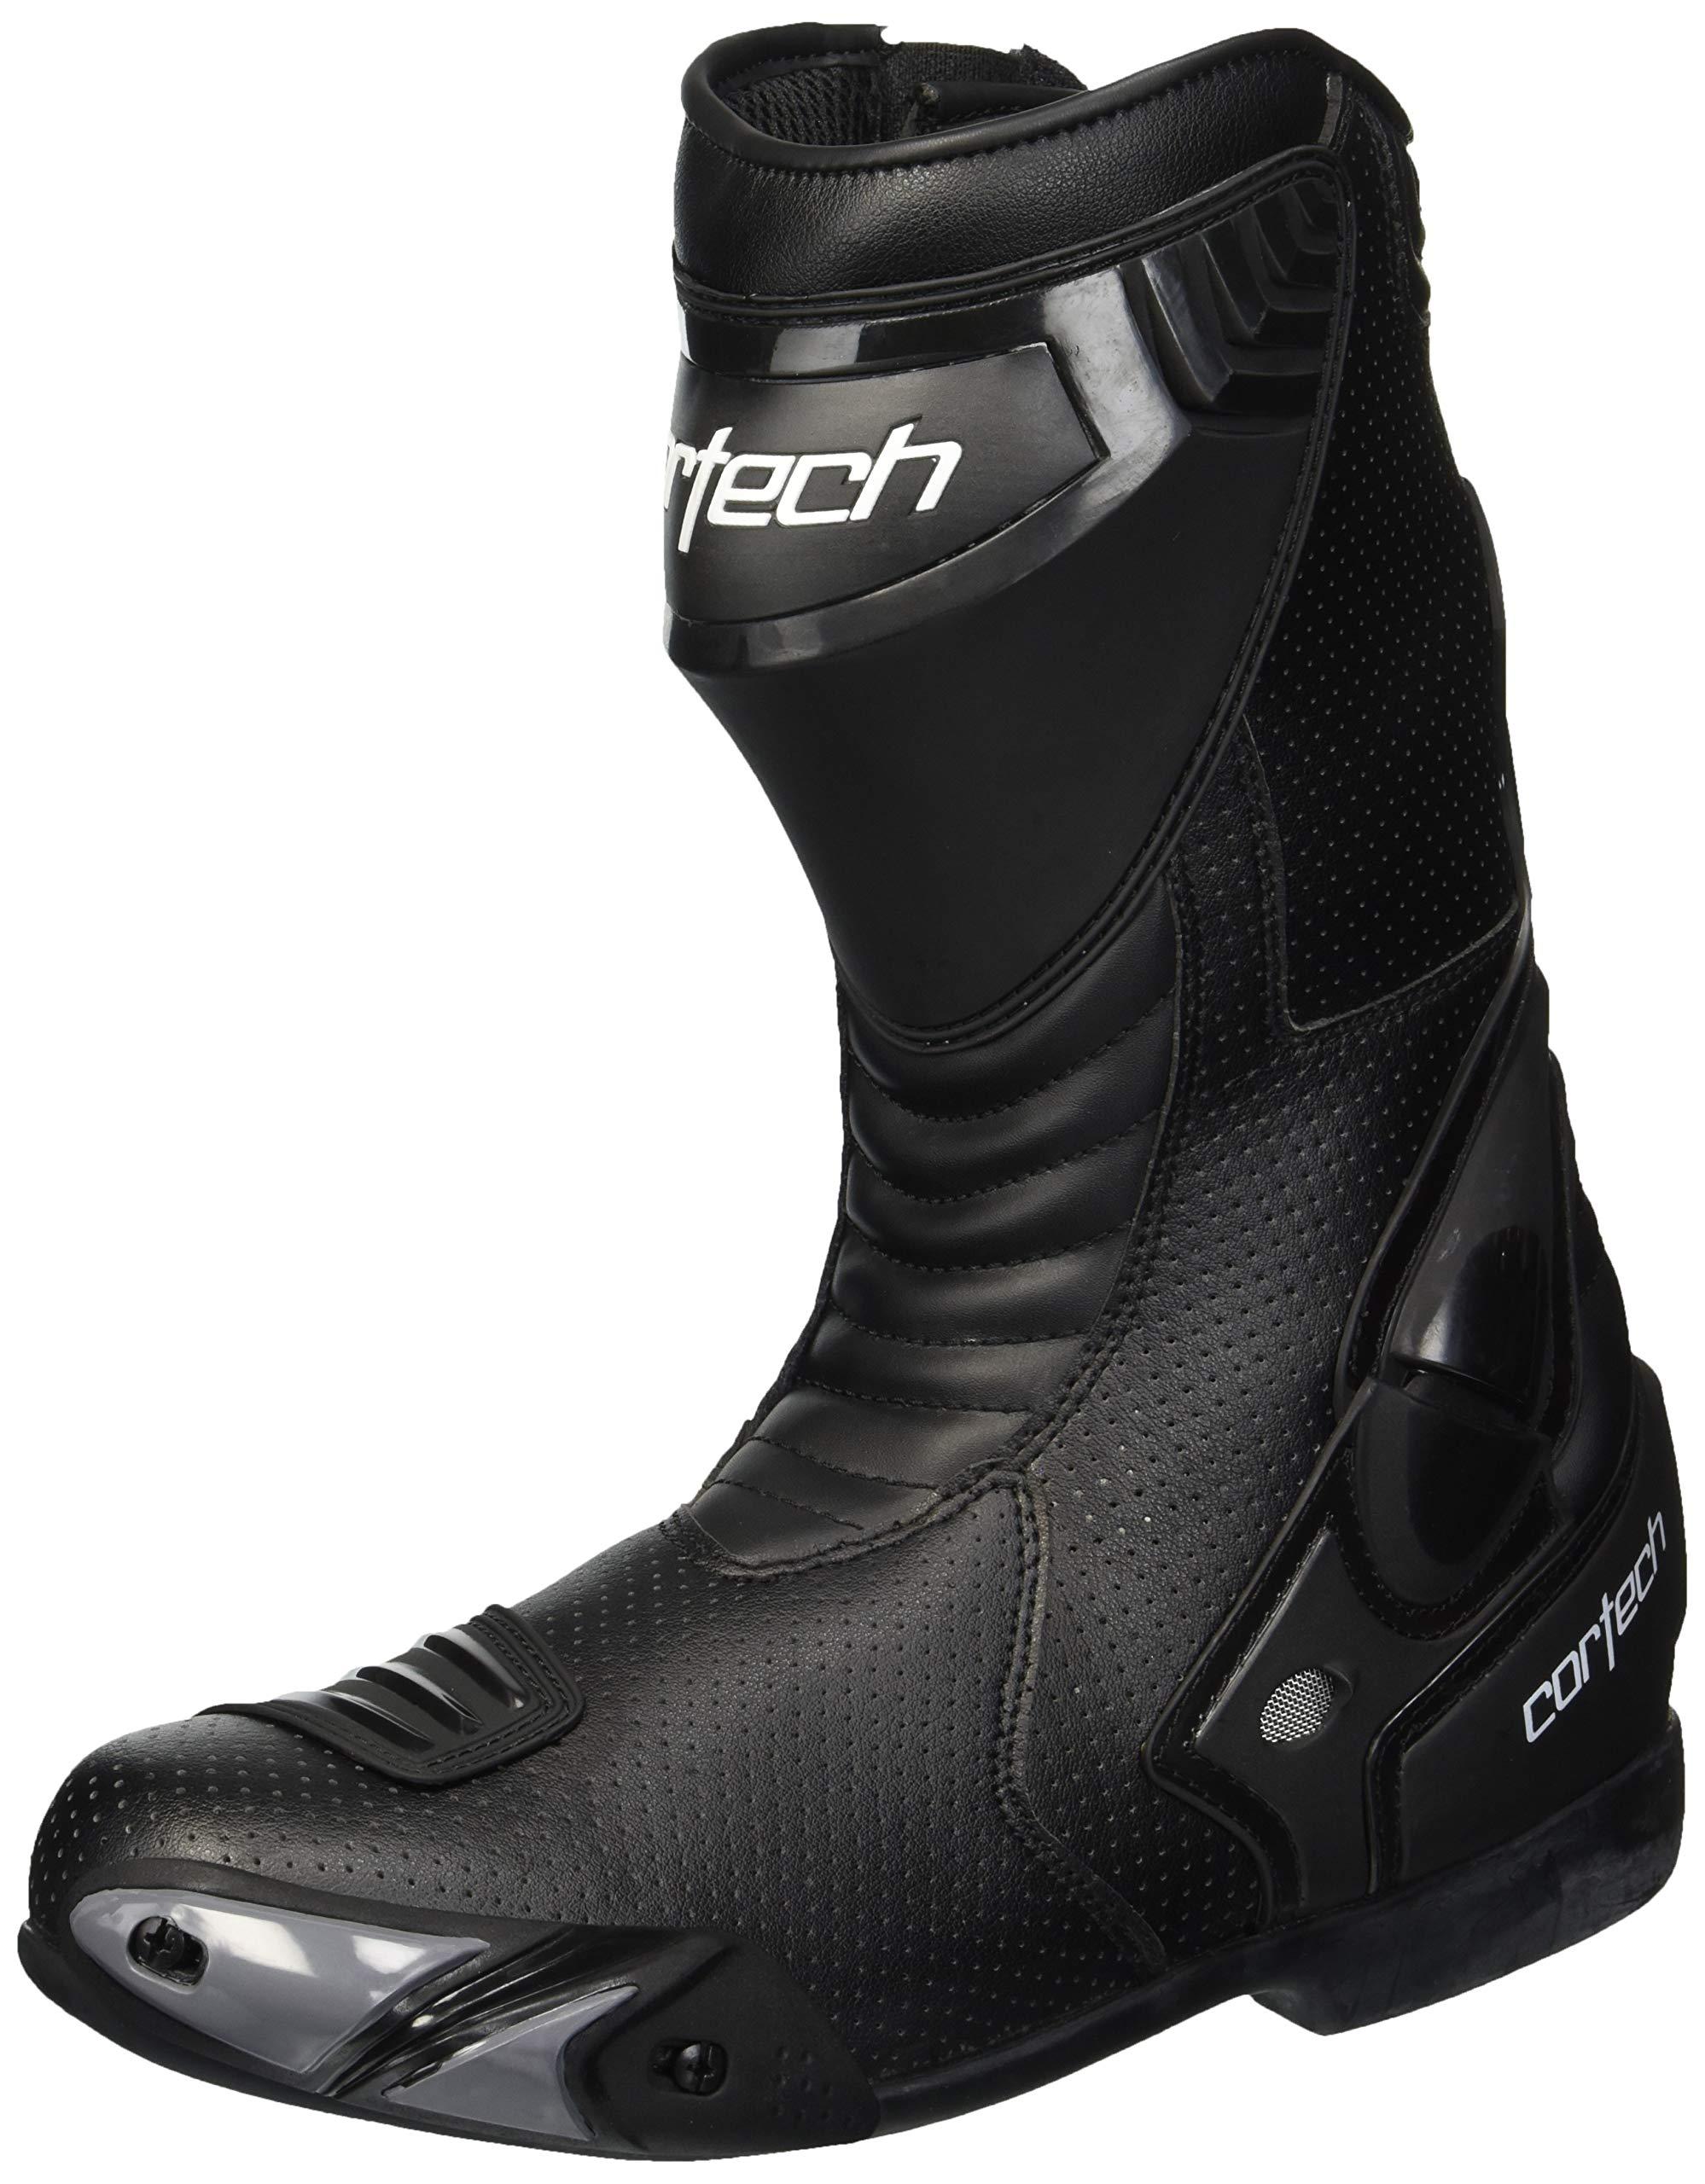 Cortech Men's Latigo Air Road Race Boot (Black, Size 11)